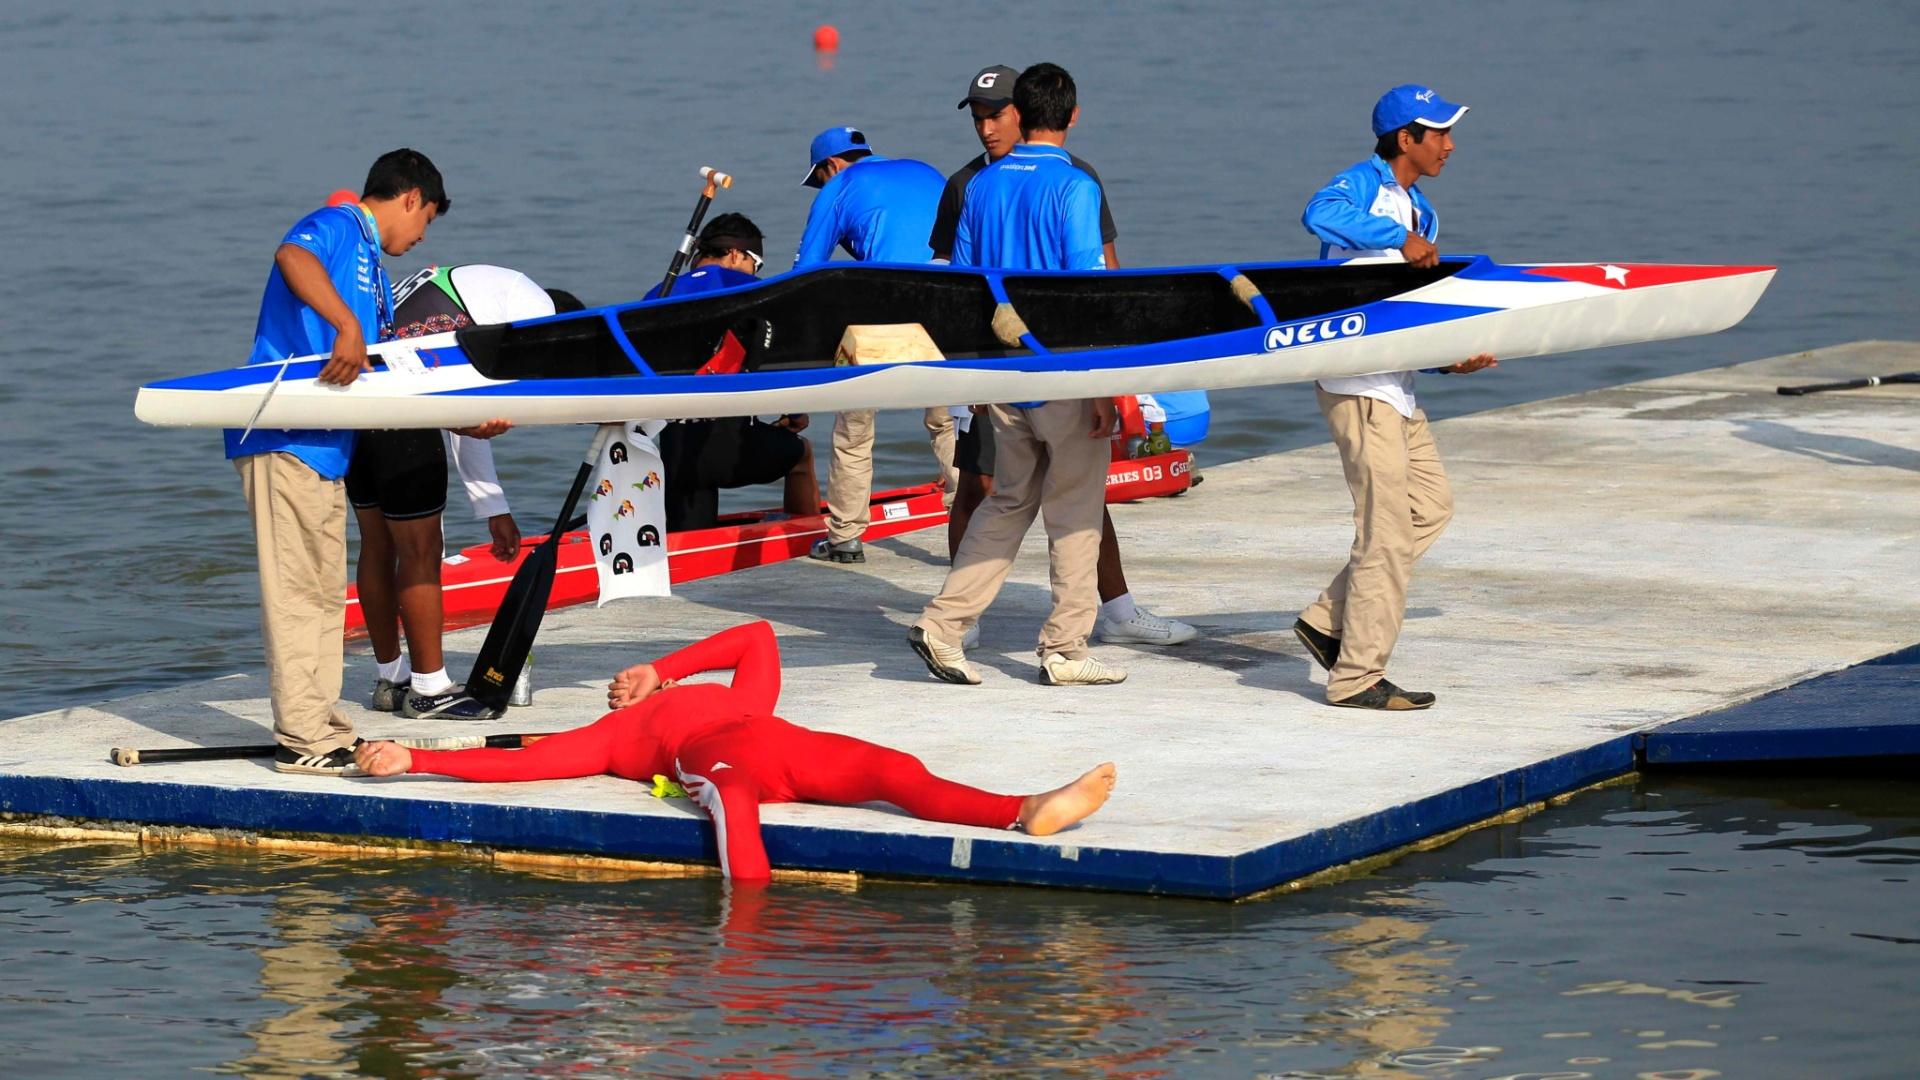 Após conquistar a prata na canoagem, o cubano Reydel Ramos descansa enquanto voluntários retiram sua canoa da água